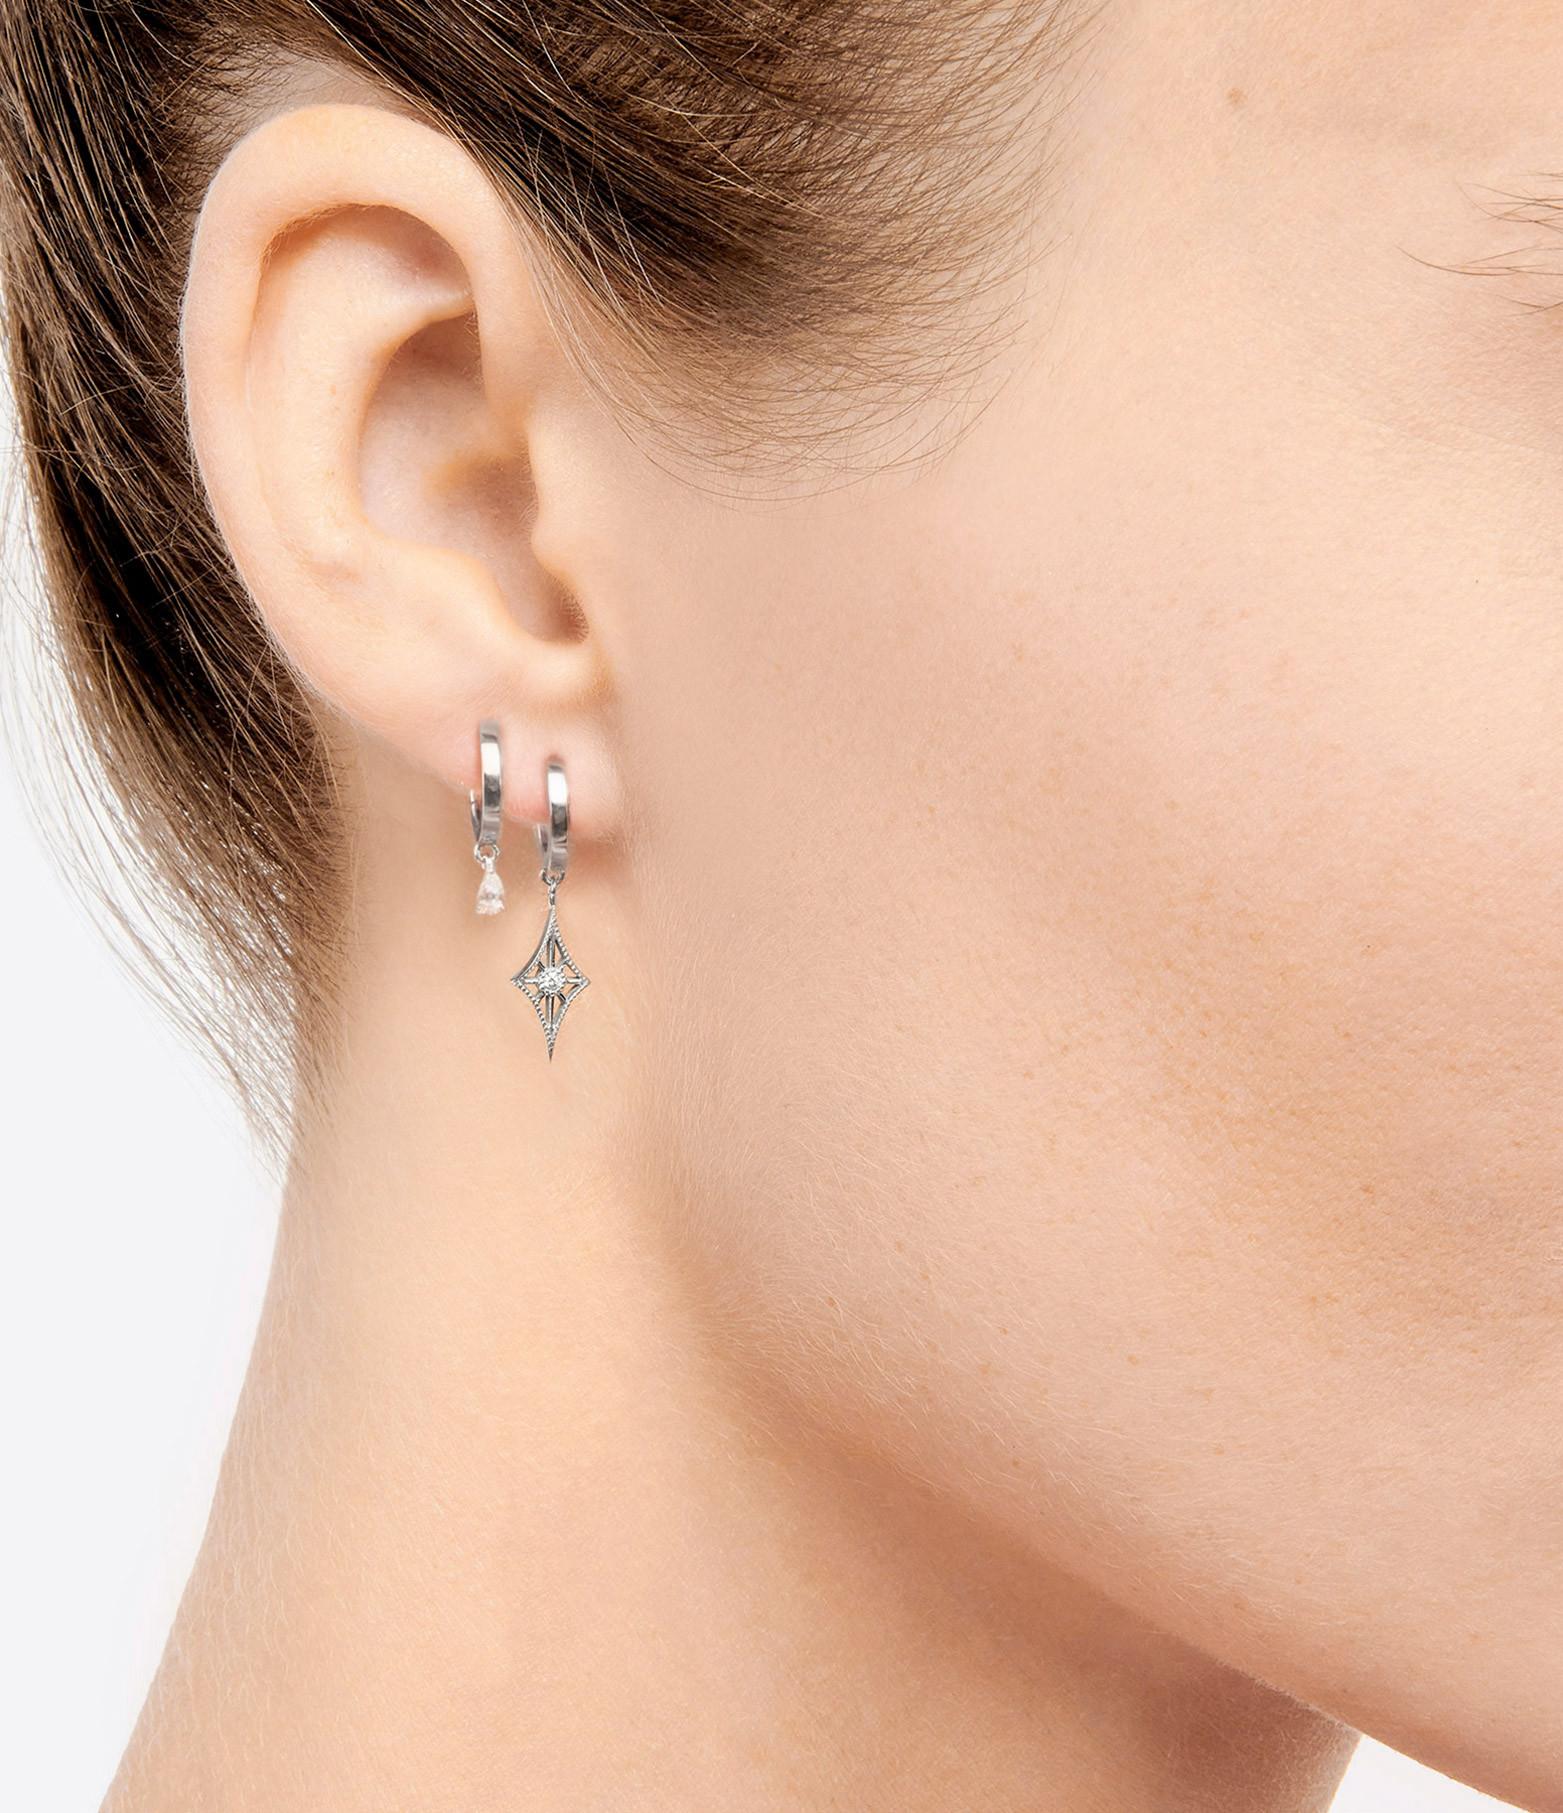 NAVA JOAILLERIE - Boucle d'oreille Cheyenne Losange Or Blanc (vendue à l'unité)